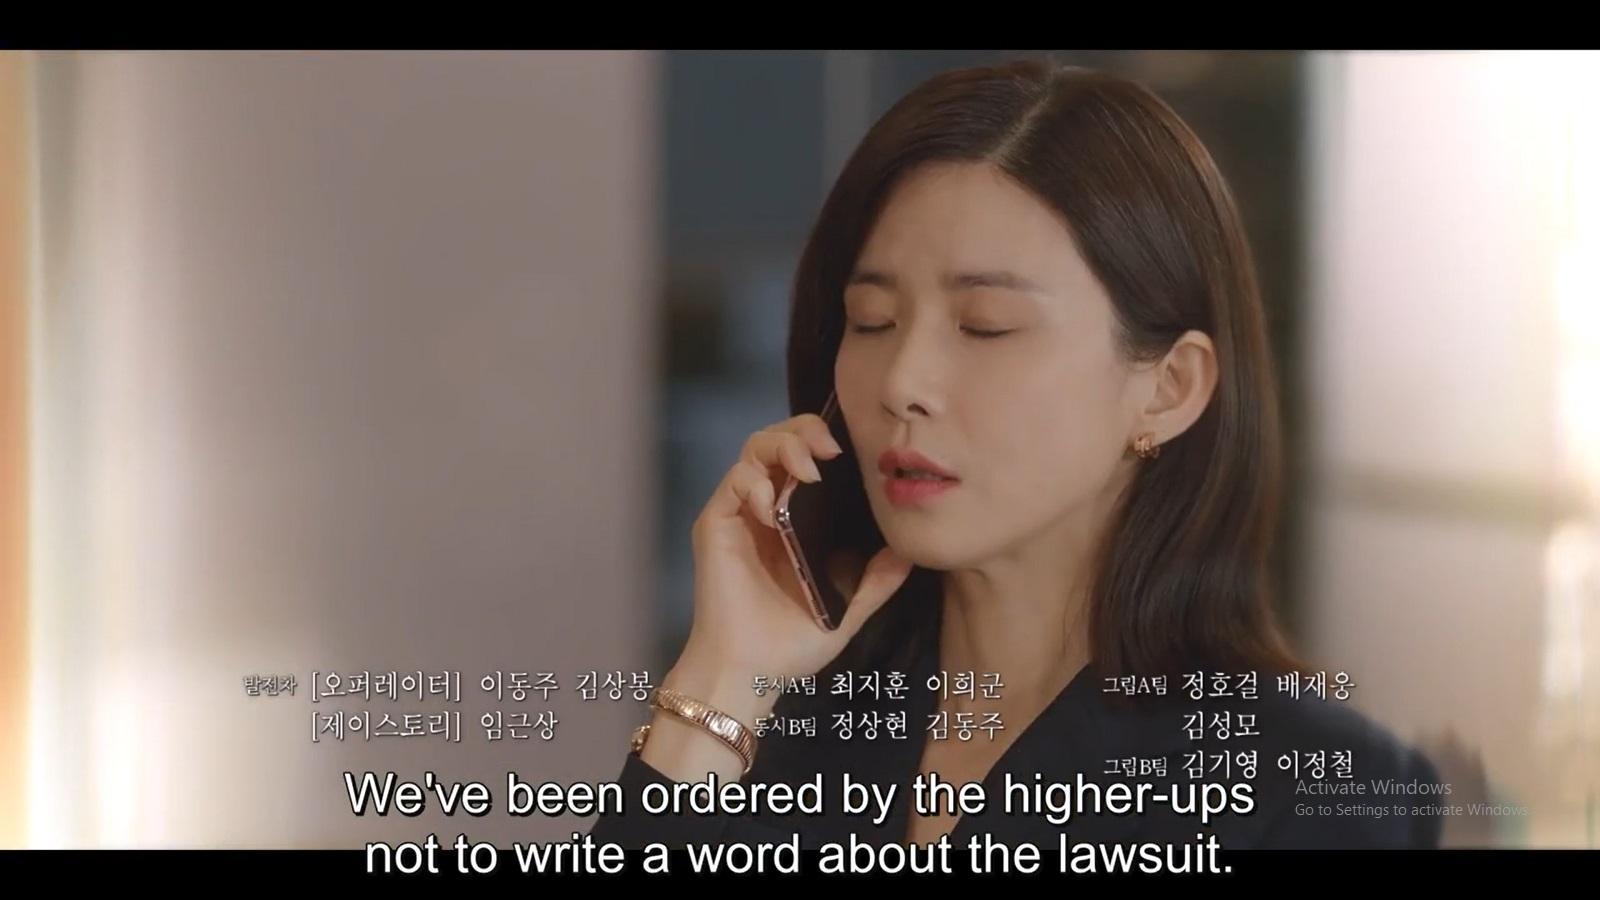 Seo Hi Soo mendengar kabar media tak bisa memberitakan soal gugatannya.